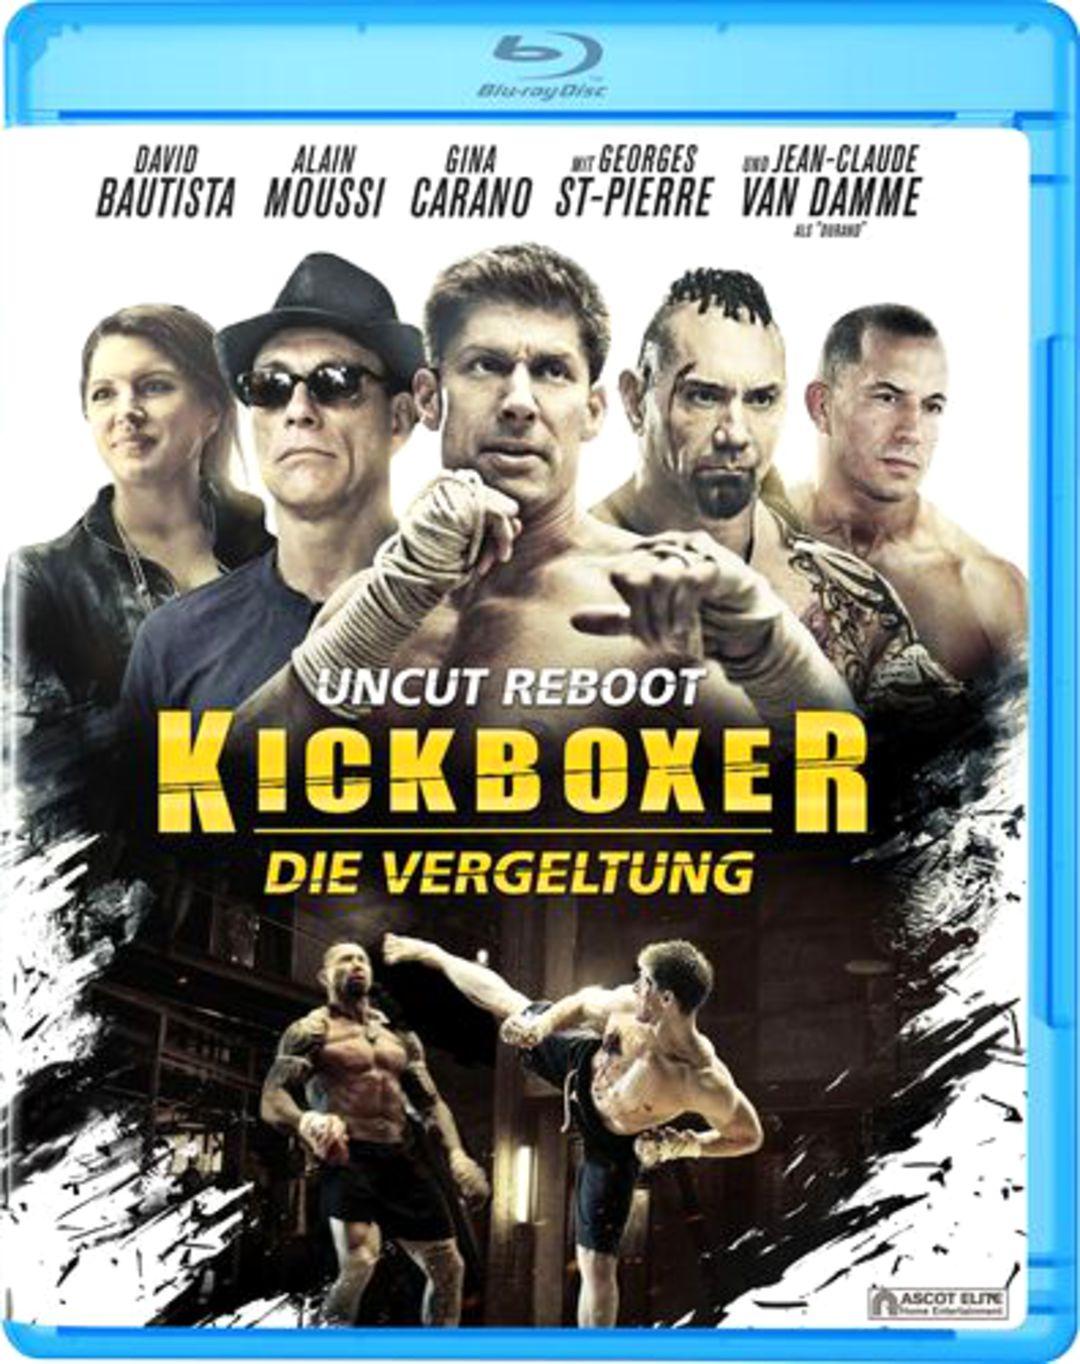 Kickboxer - Bild 1 von 8